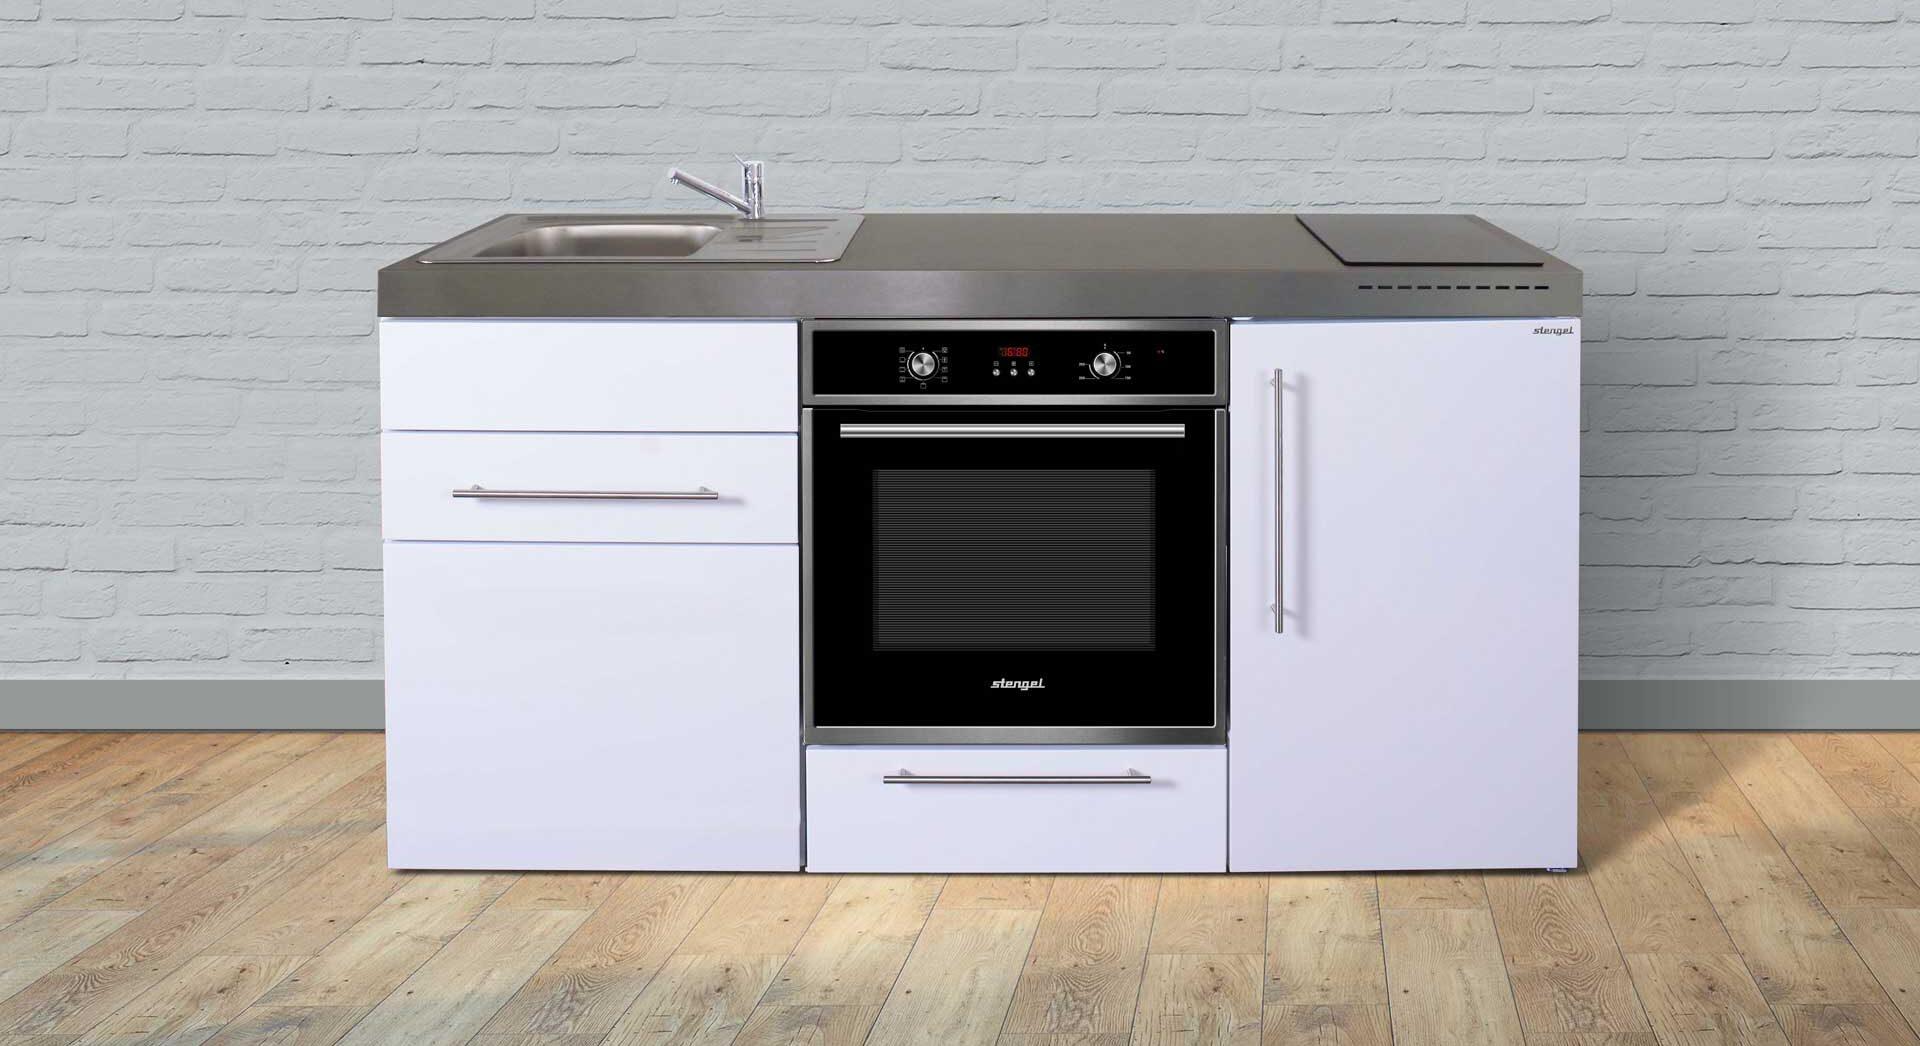 MPB 170 køkken i rustfrit stål - et solidt og flot lille køkken til små boliger (lejligheder, ferieboliger, kollegieværelse etc.) Vælg mellem 8 moderne farver. Miljøvenlige materialer.